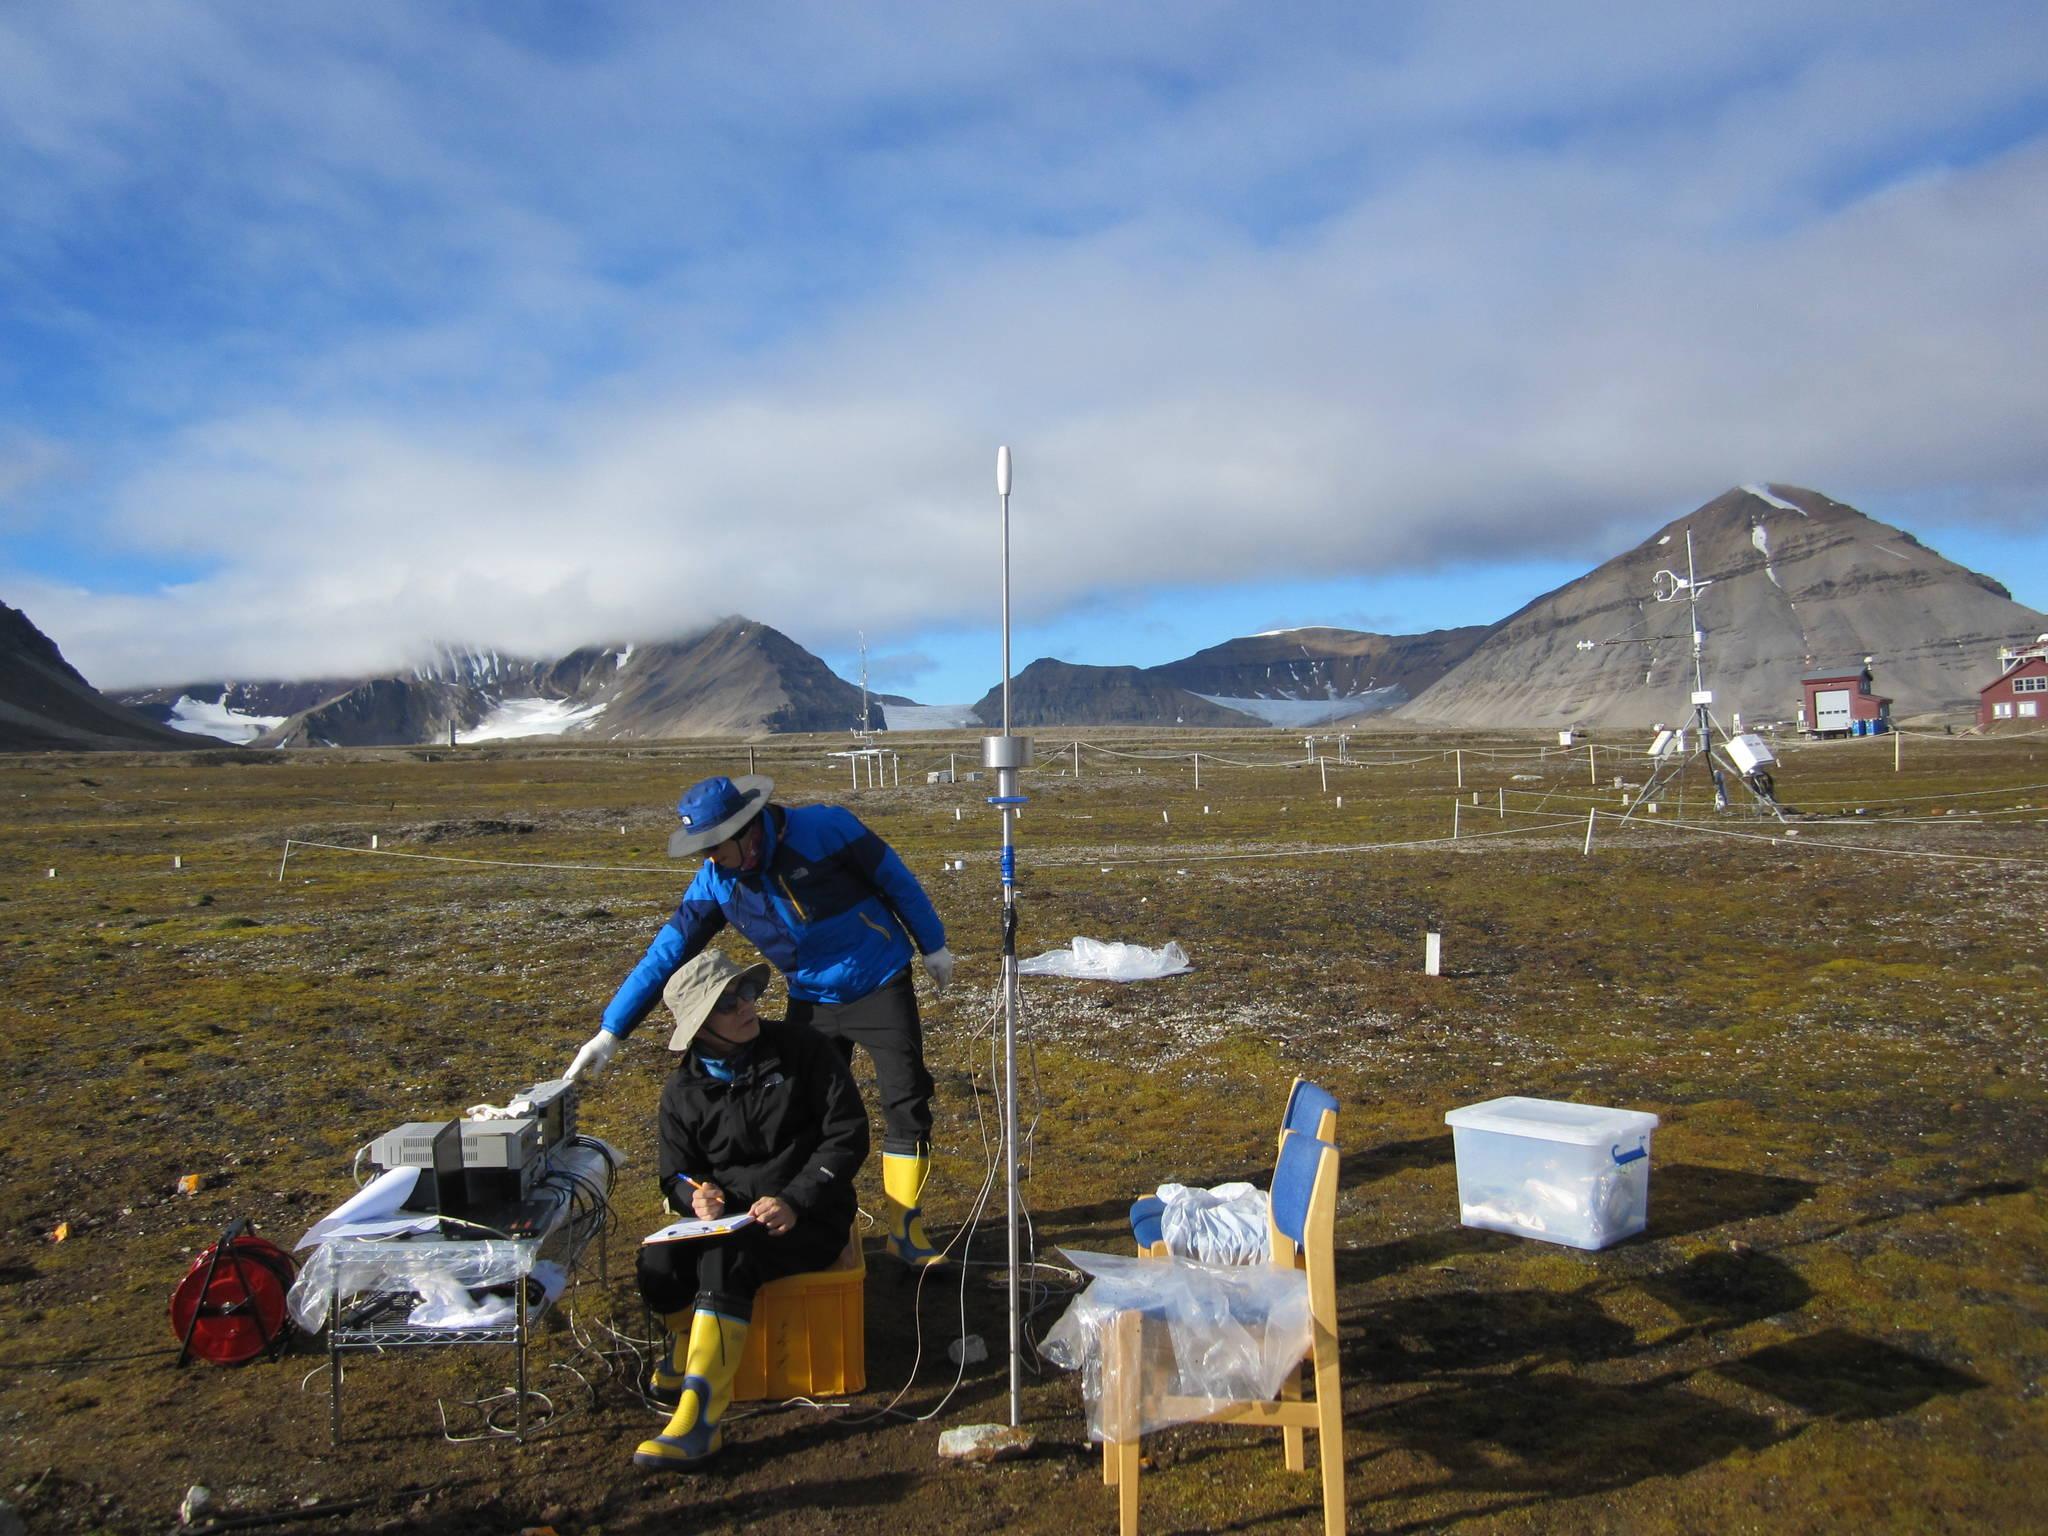 2013년 8월 이종섭 고려대 건축사회환경공학부 교수가 북극다산과학기지에서 지반 조사를 하고 있다. [이종섭 교수]